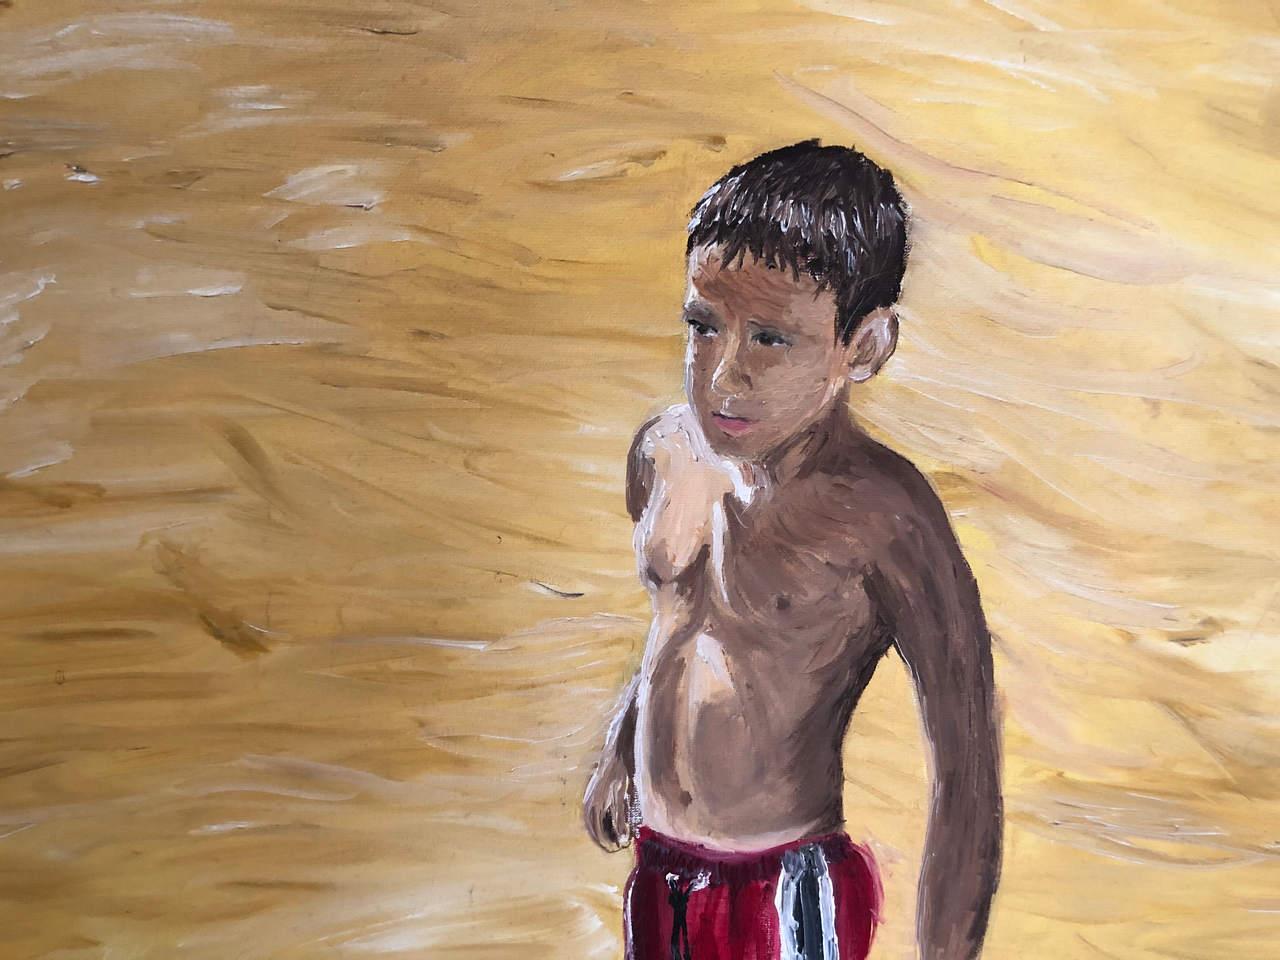 Marco en la playa